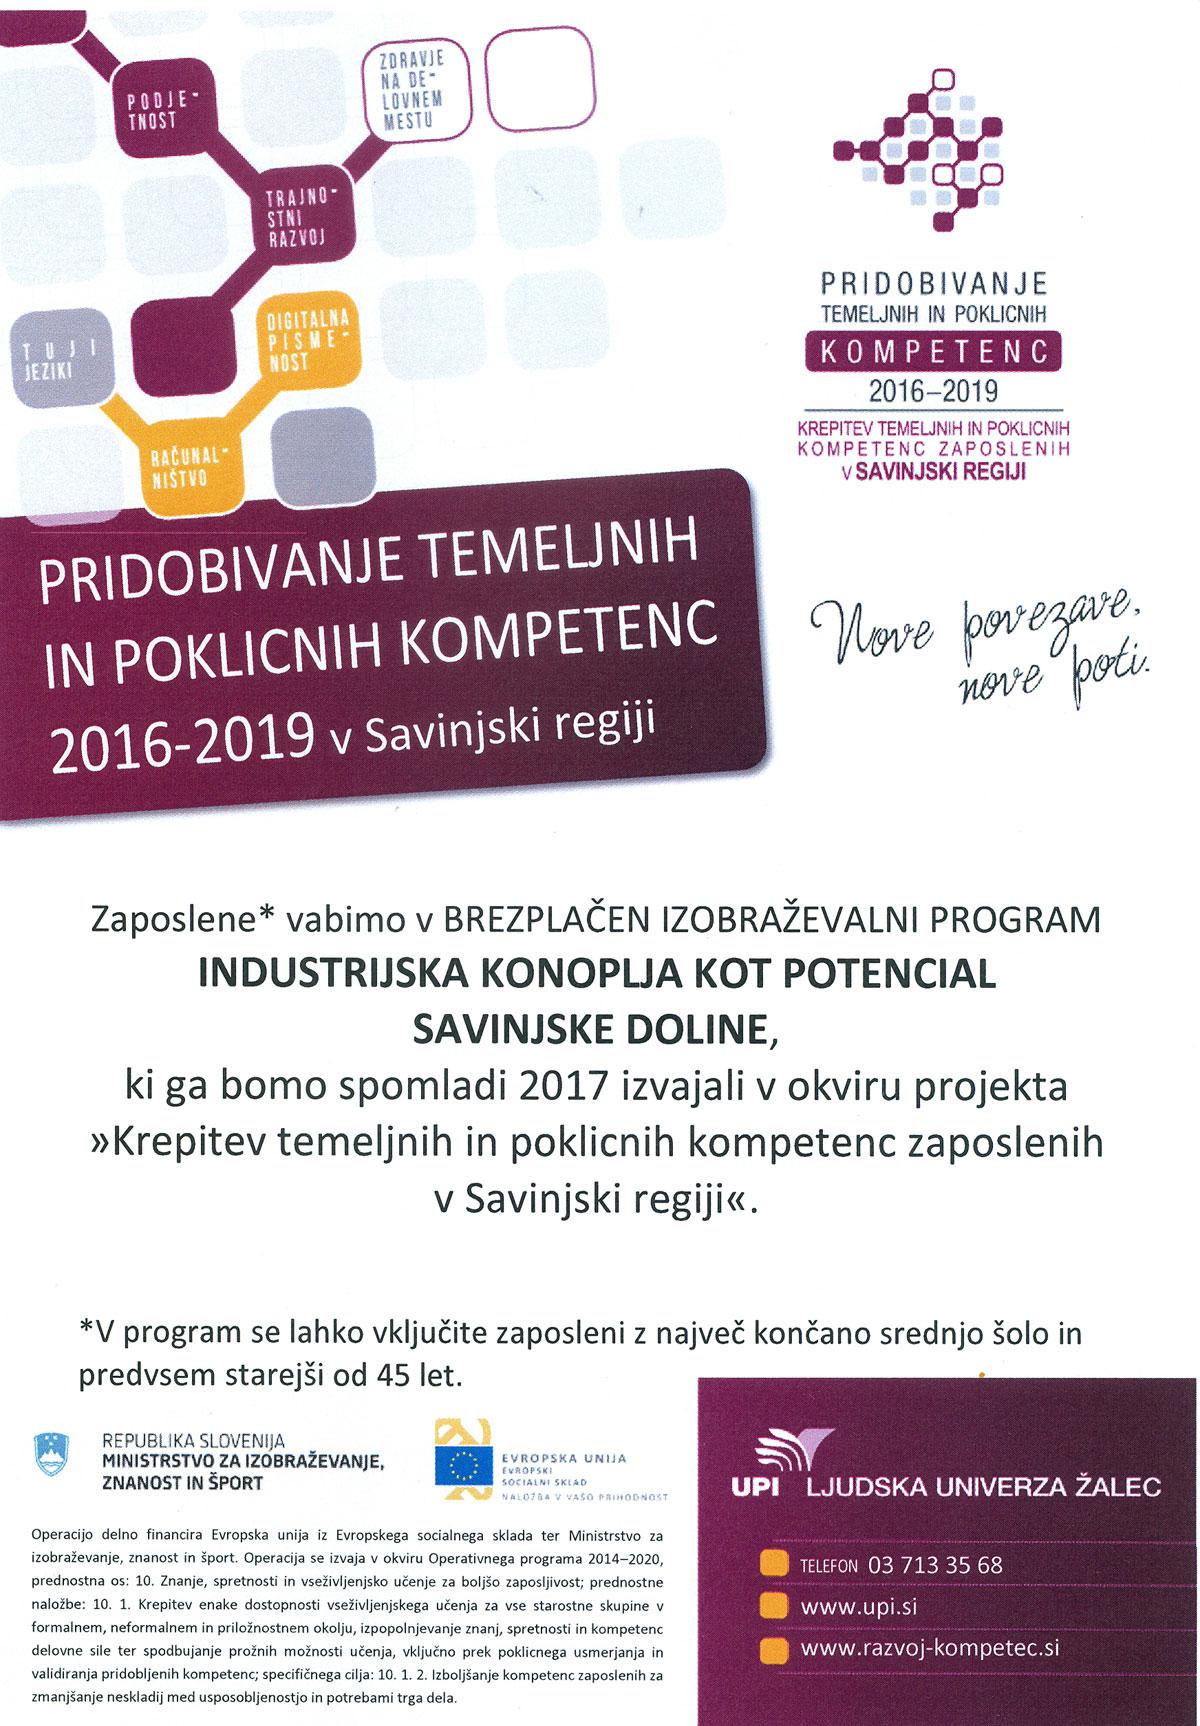 tpk_konoplja1